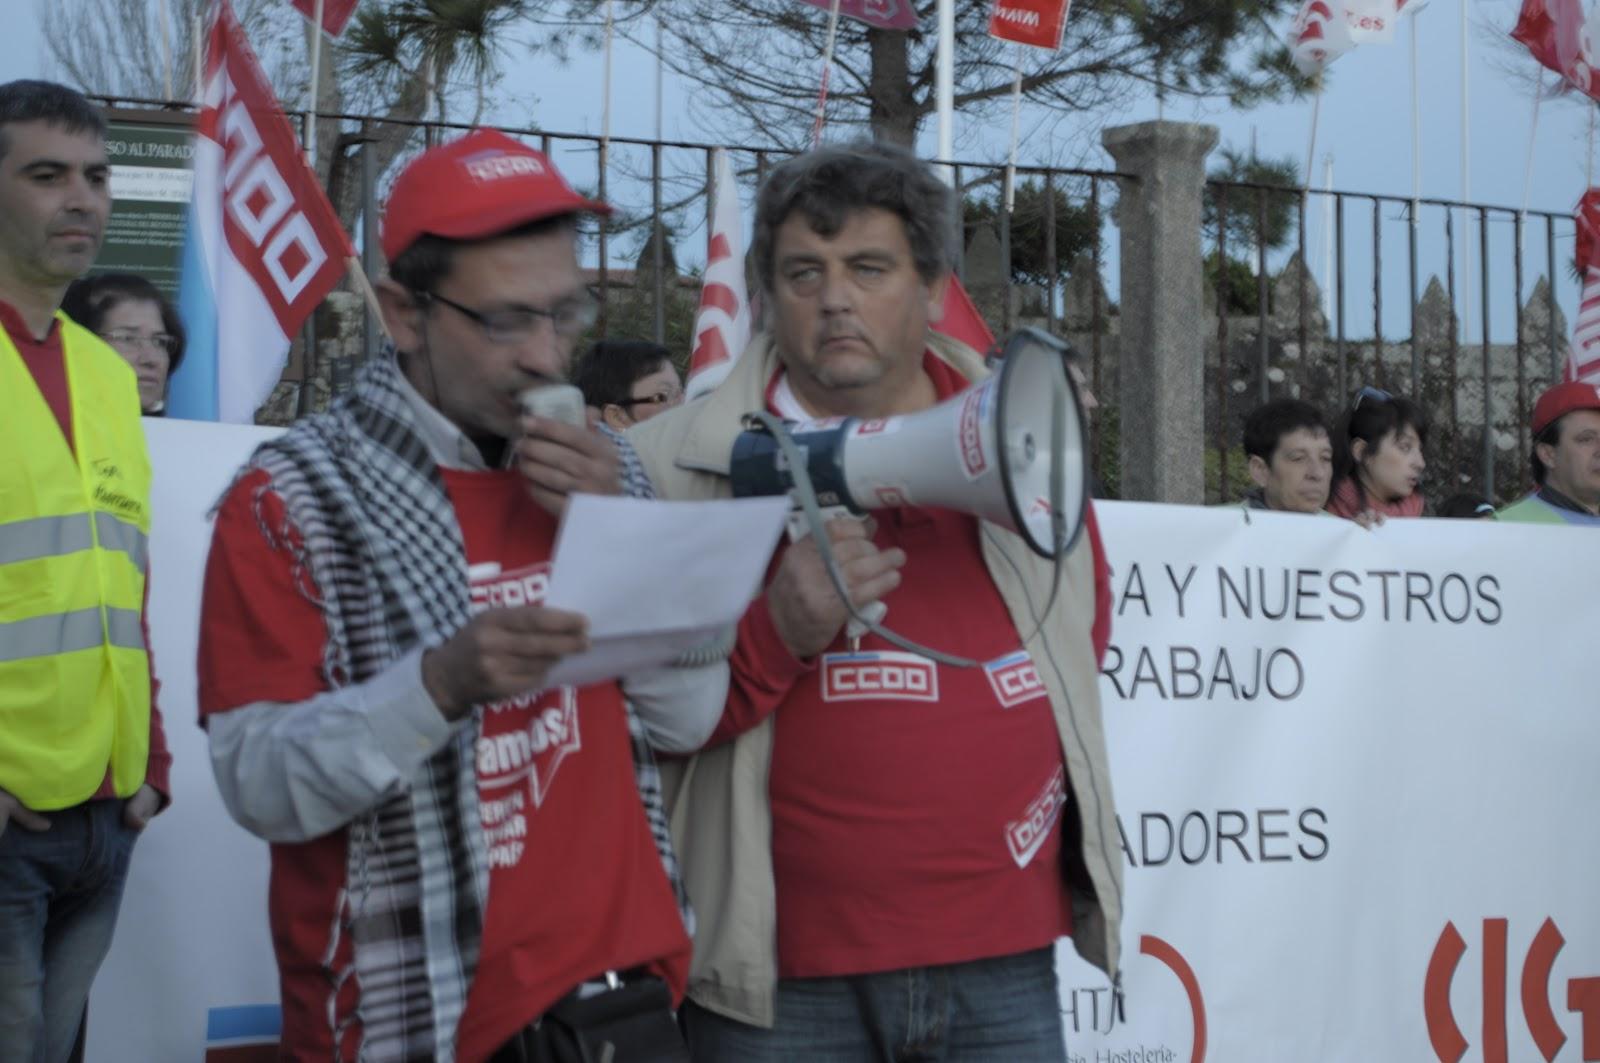 El comedor de familia manifiesto manifestaci n baiona - El comedor de familia ...